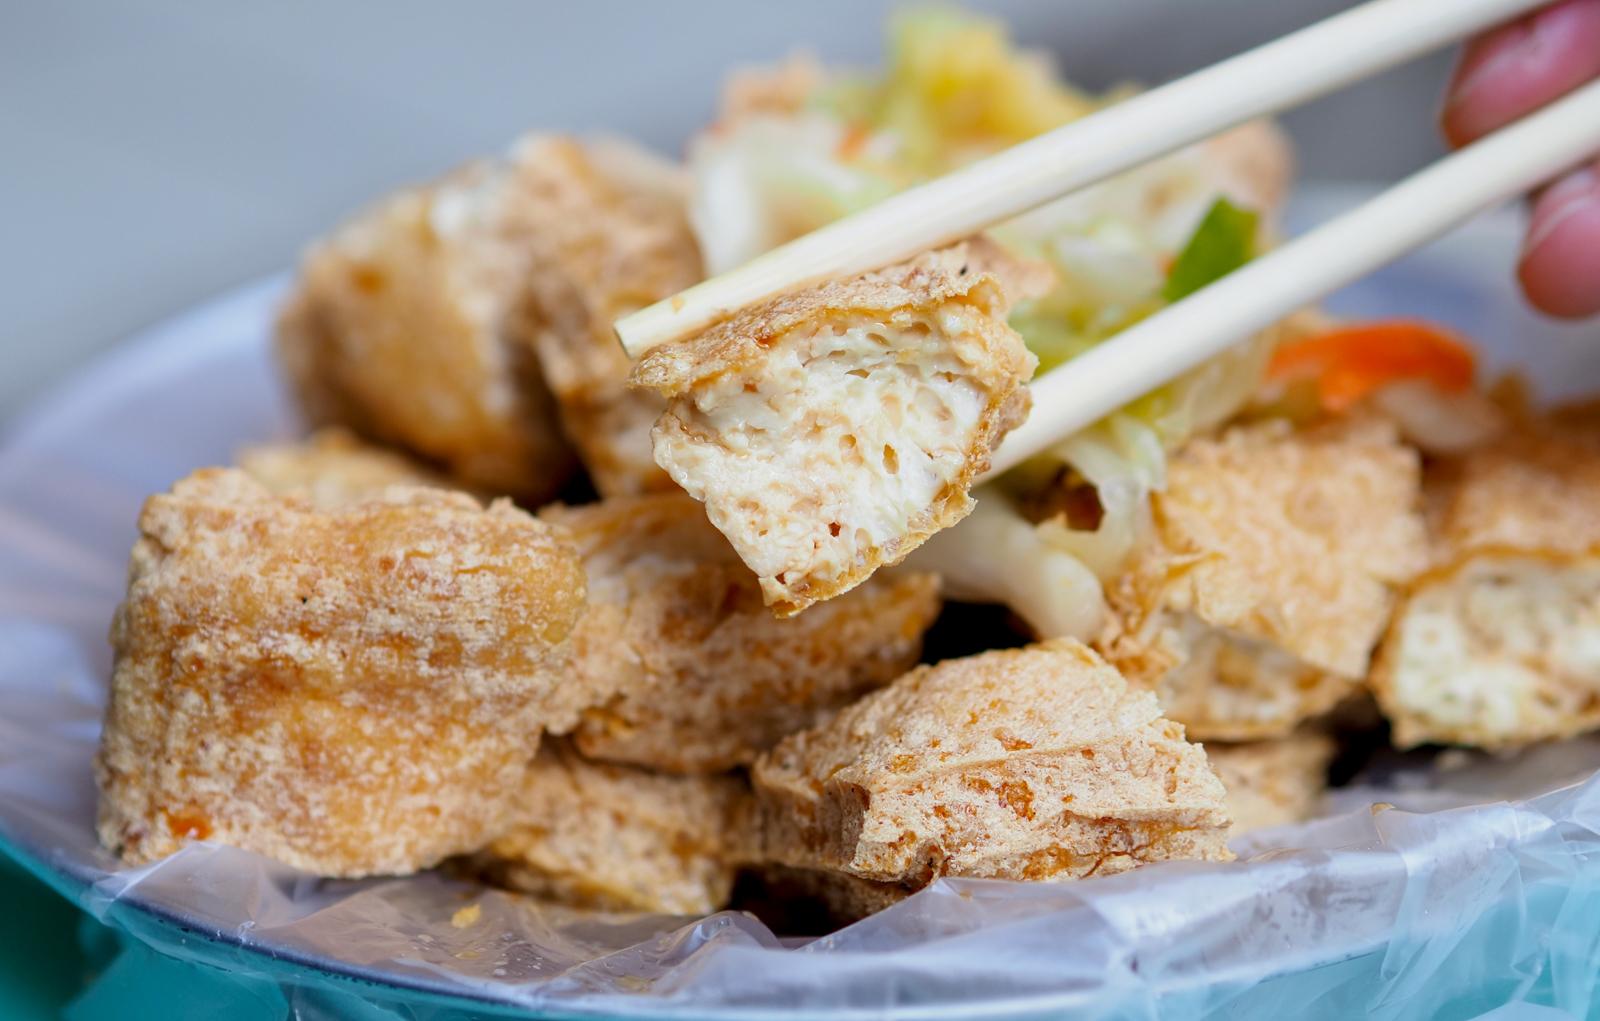 【七堵美食】七堵無名臭豆腐 一賣就是飄香五十年美味 單吃豆腐就夠滋味!